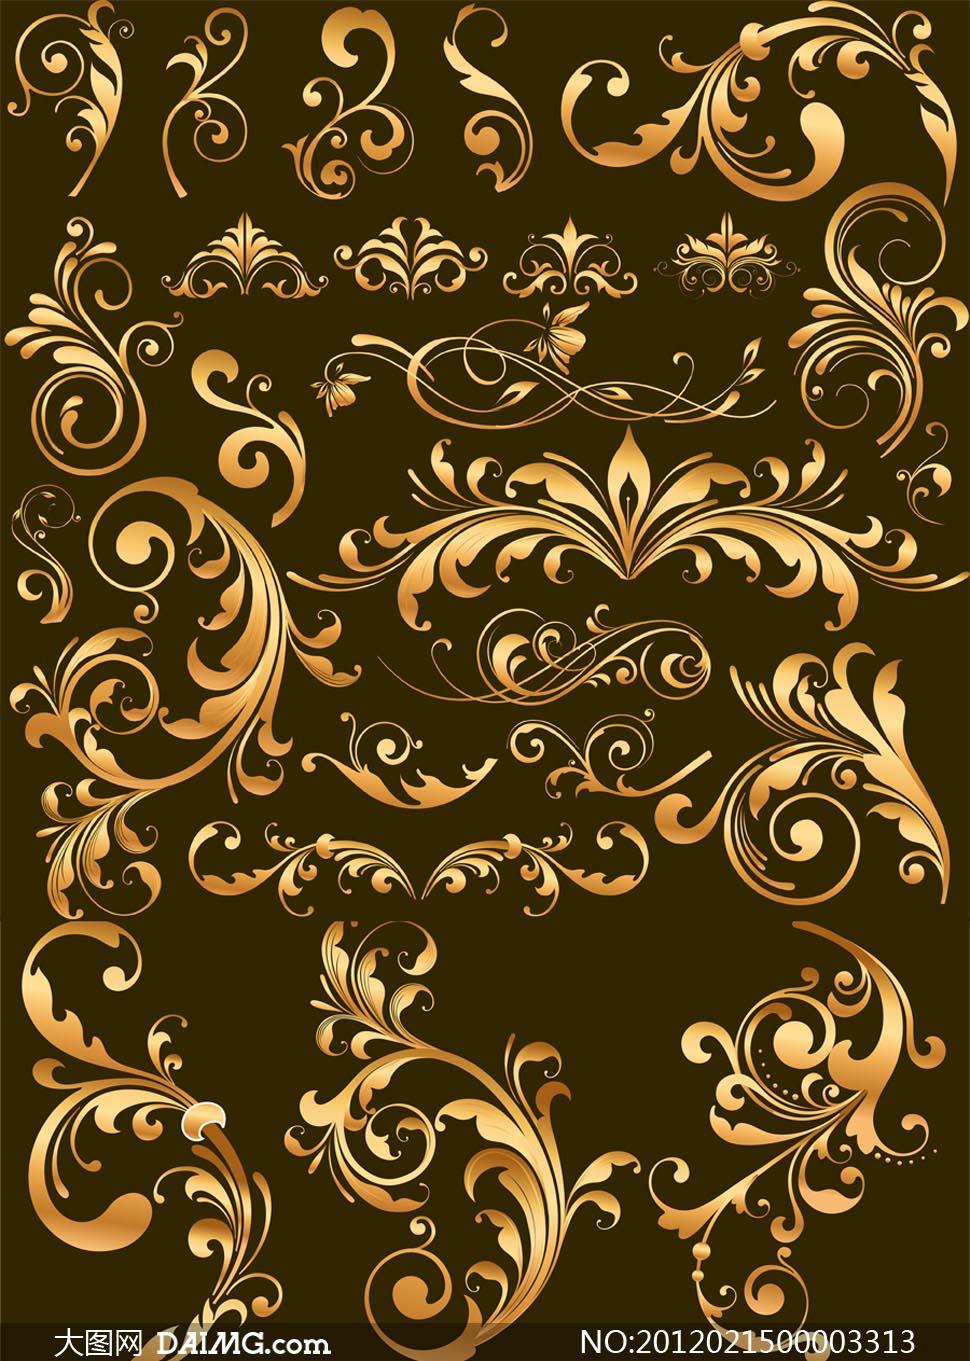 金色花纹笔刷 - 大图网设计素材下载